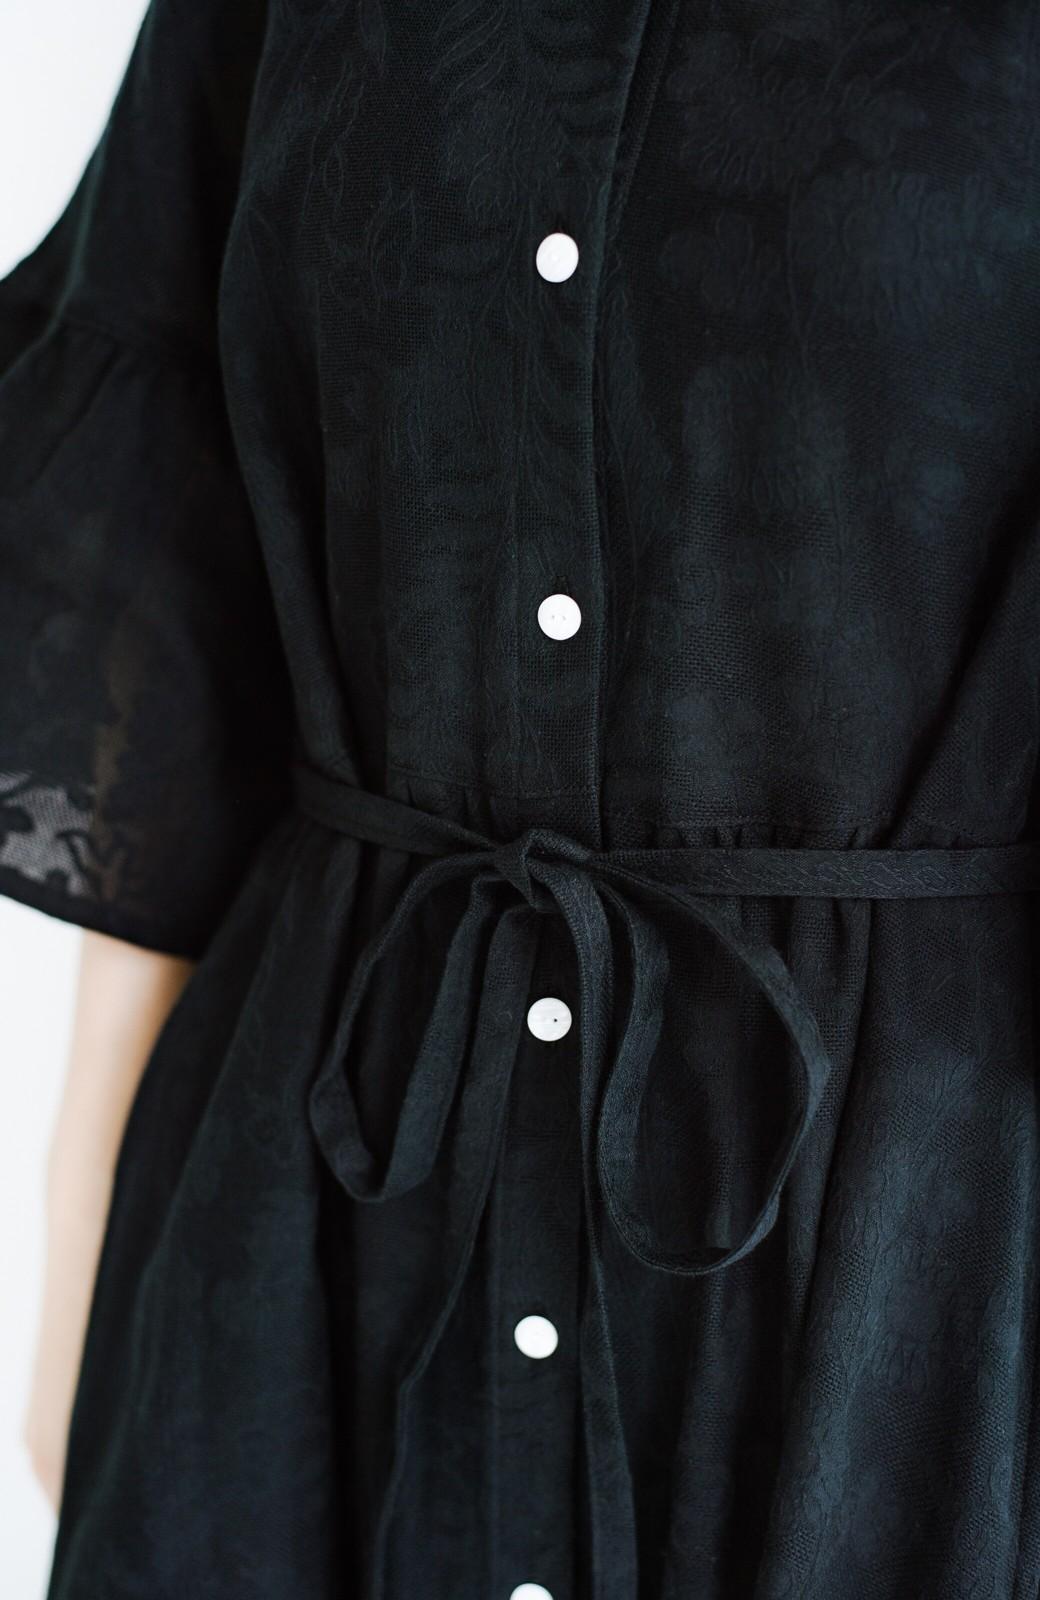 haco! 京都の浴衣屋さんと作った浴衣生地の羽織りにもなるワンピース <ブラック>の商品写真9